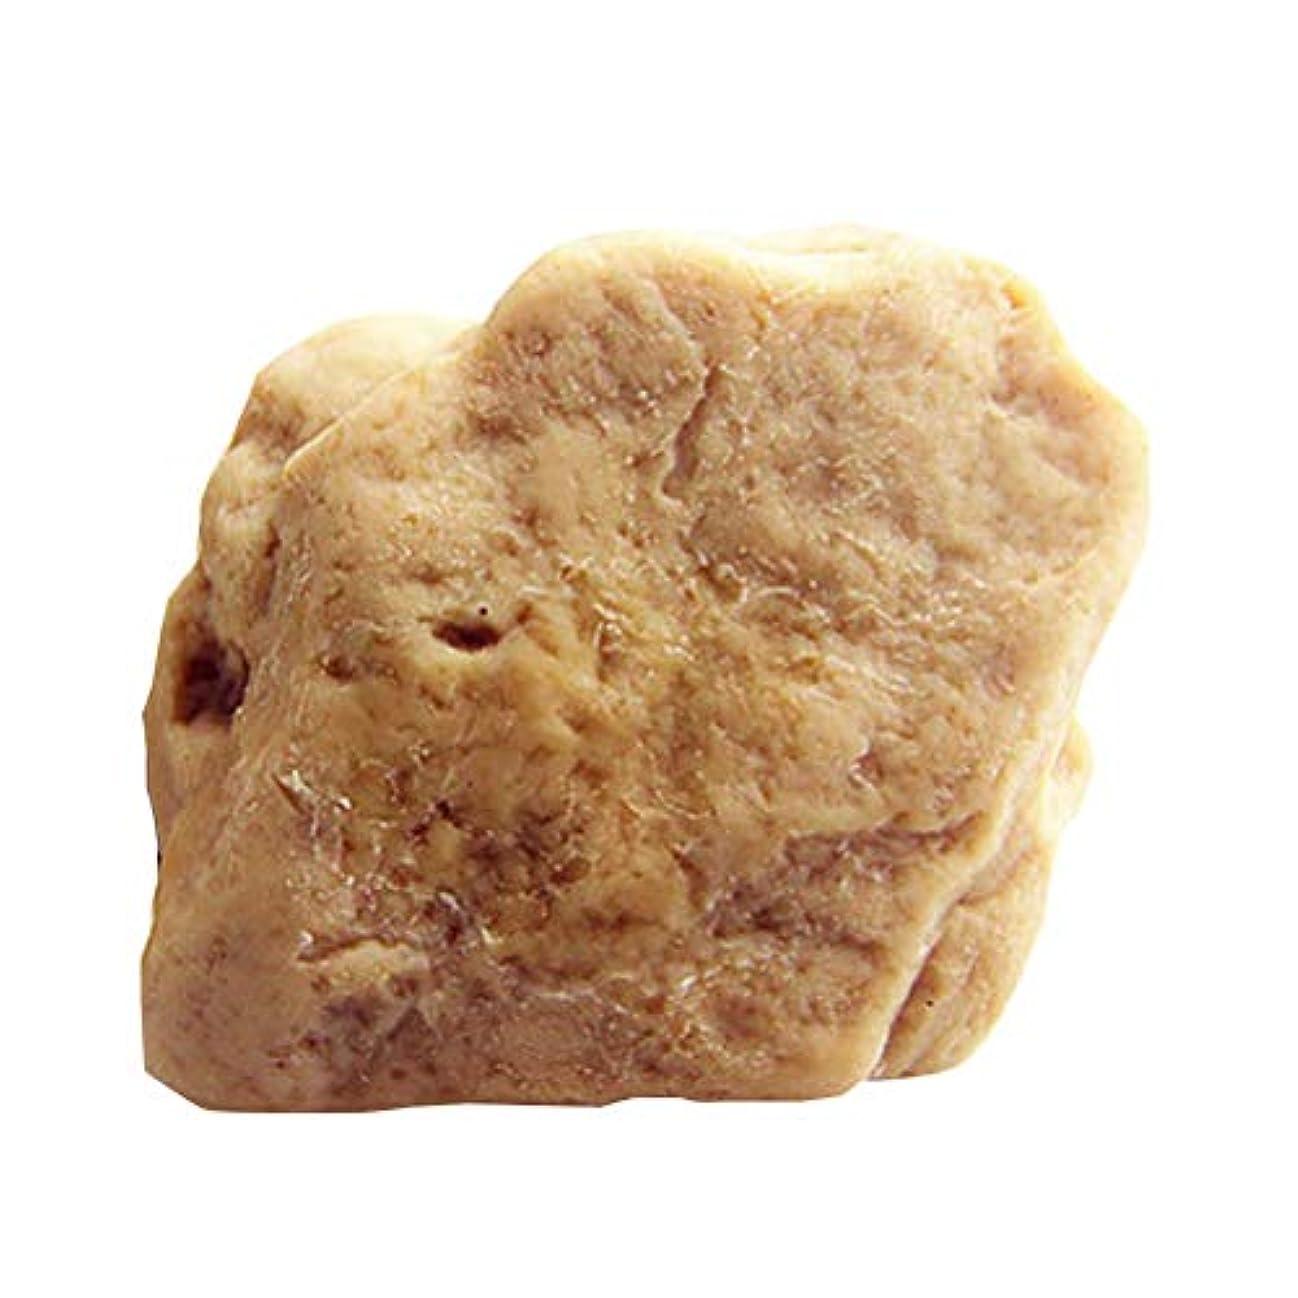 コスチュームテスピアンのホストsupbel 洗顔石鹸 石鹸 洗顔用石鹸 保湿 洗顔 オリーブオイル入り 美白 毛穴 黒ずみ用 自然乾燥仕上げ 美肌 シャワー用